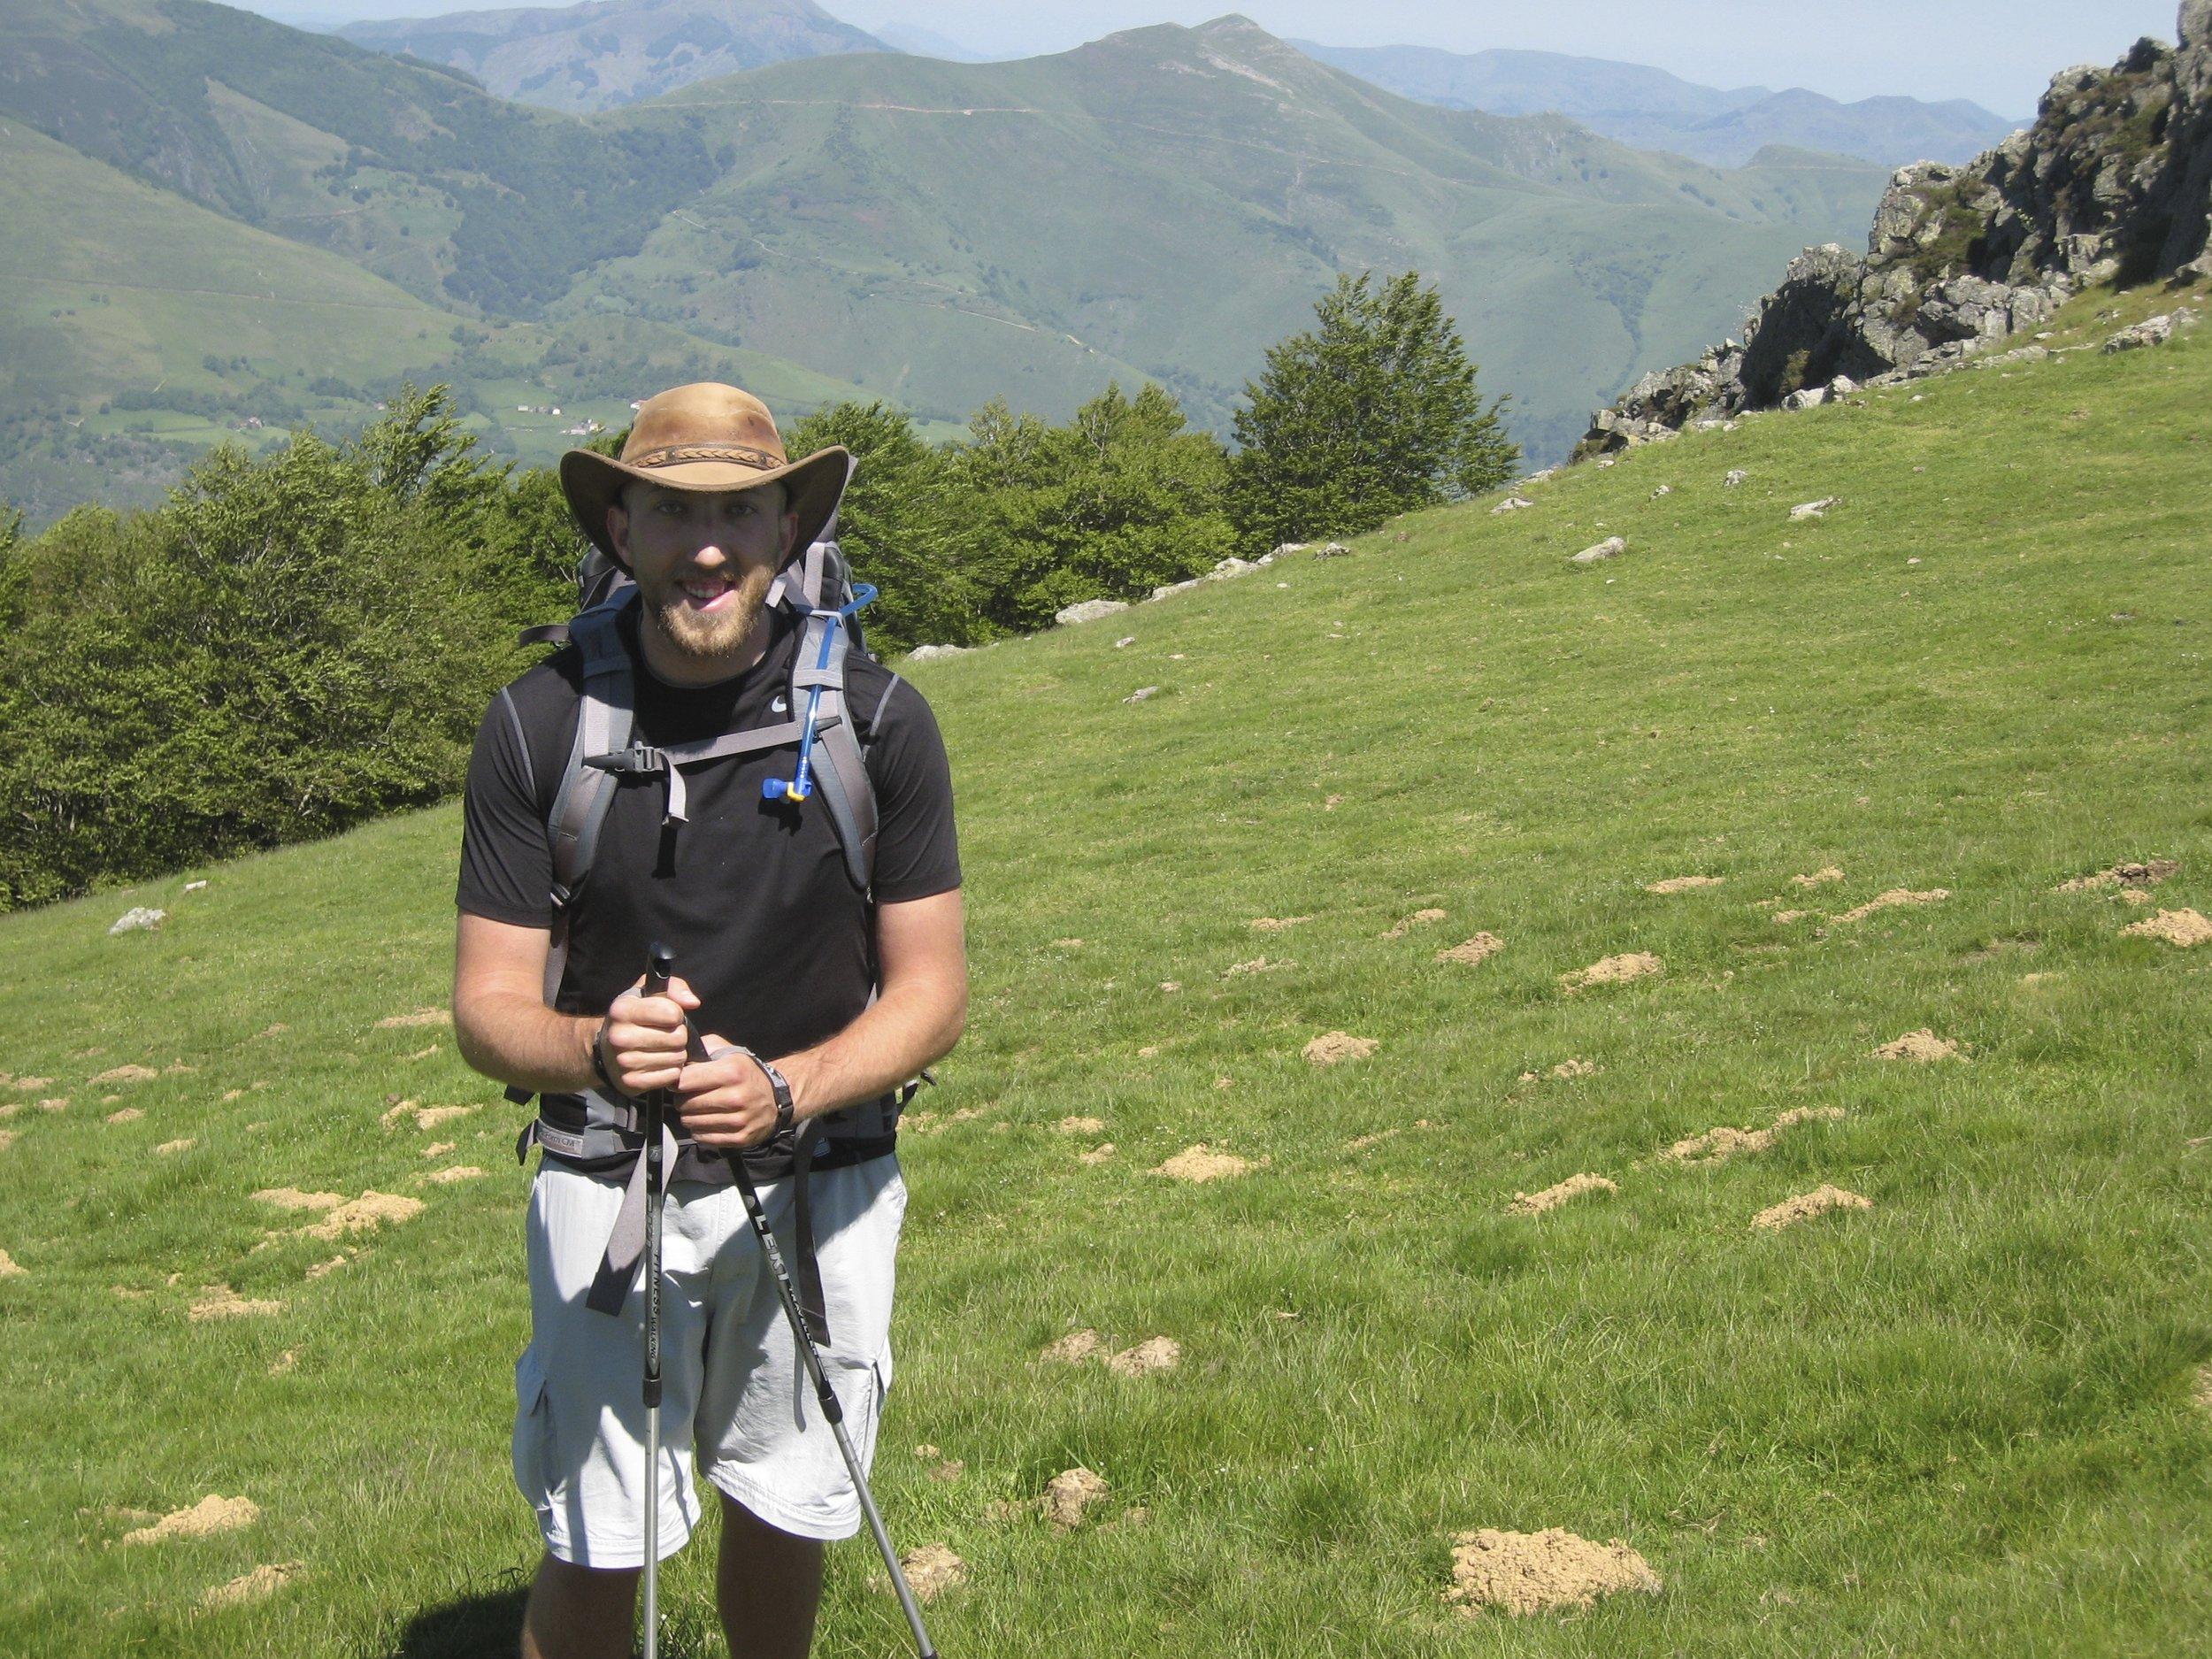 Hunter Van Wagenen crossing the Pyrenees in 2013